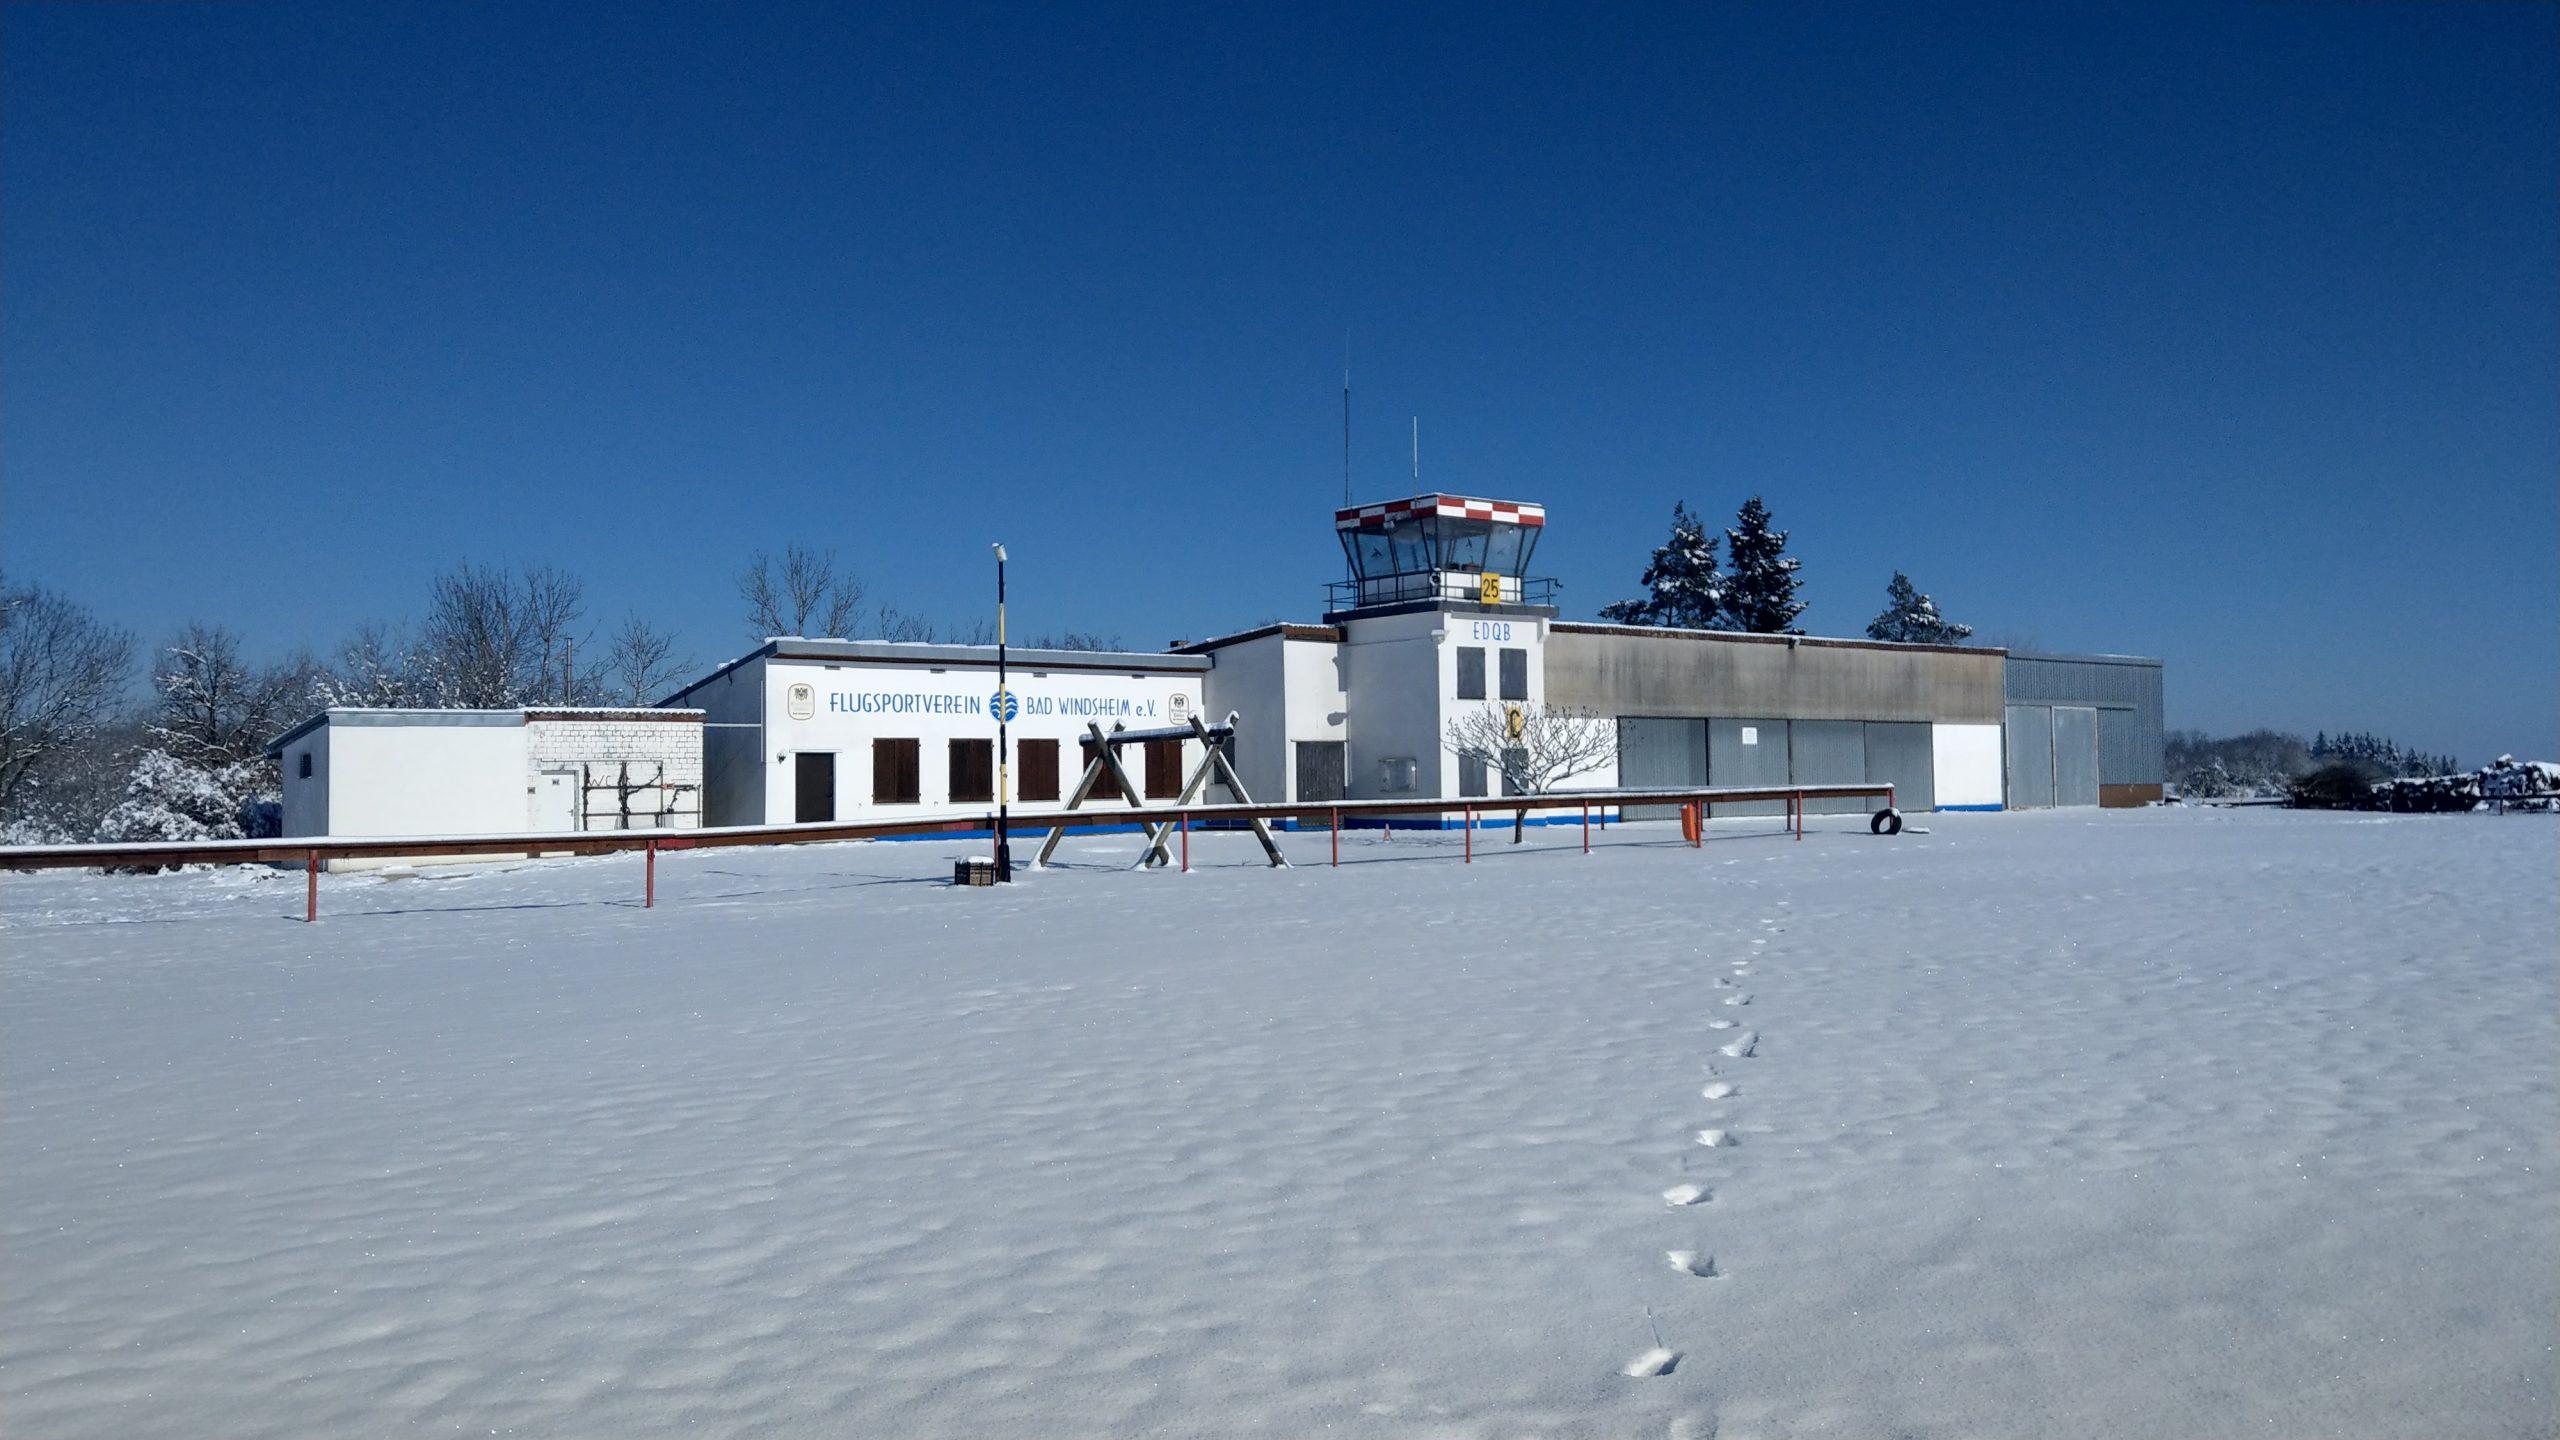 Winter am verschneiten Flugplatz